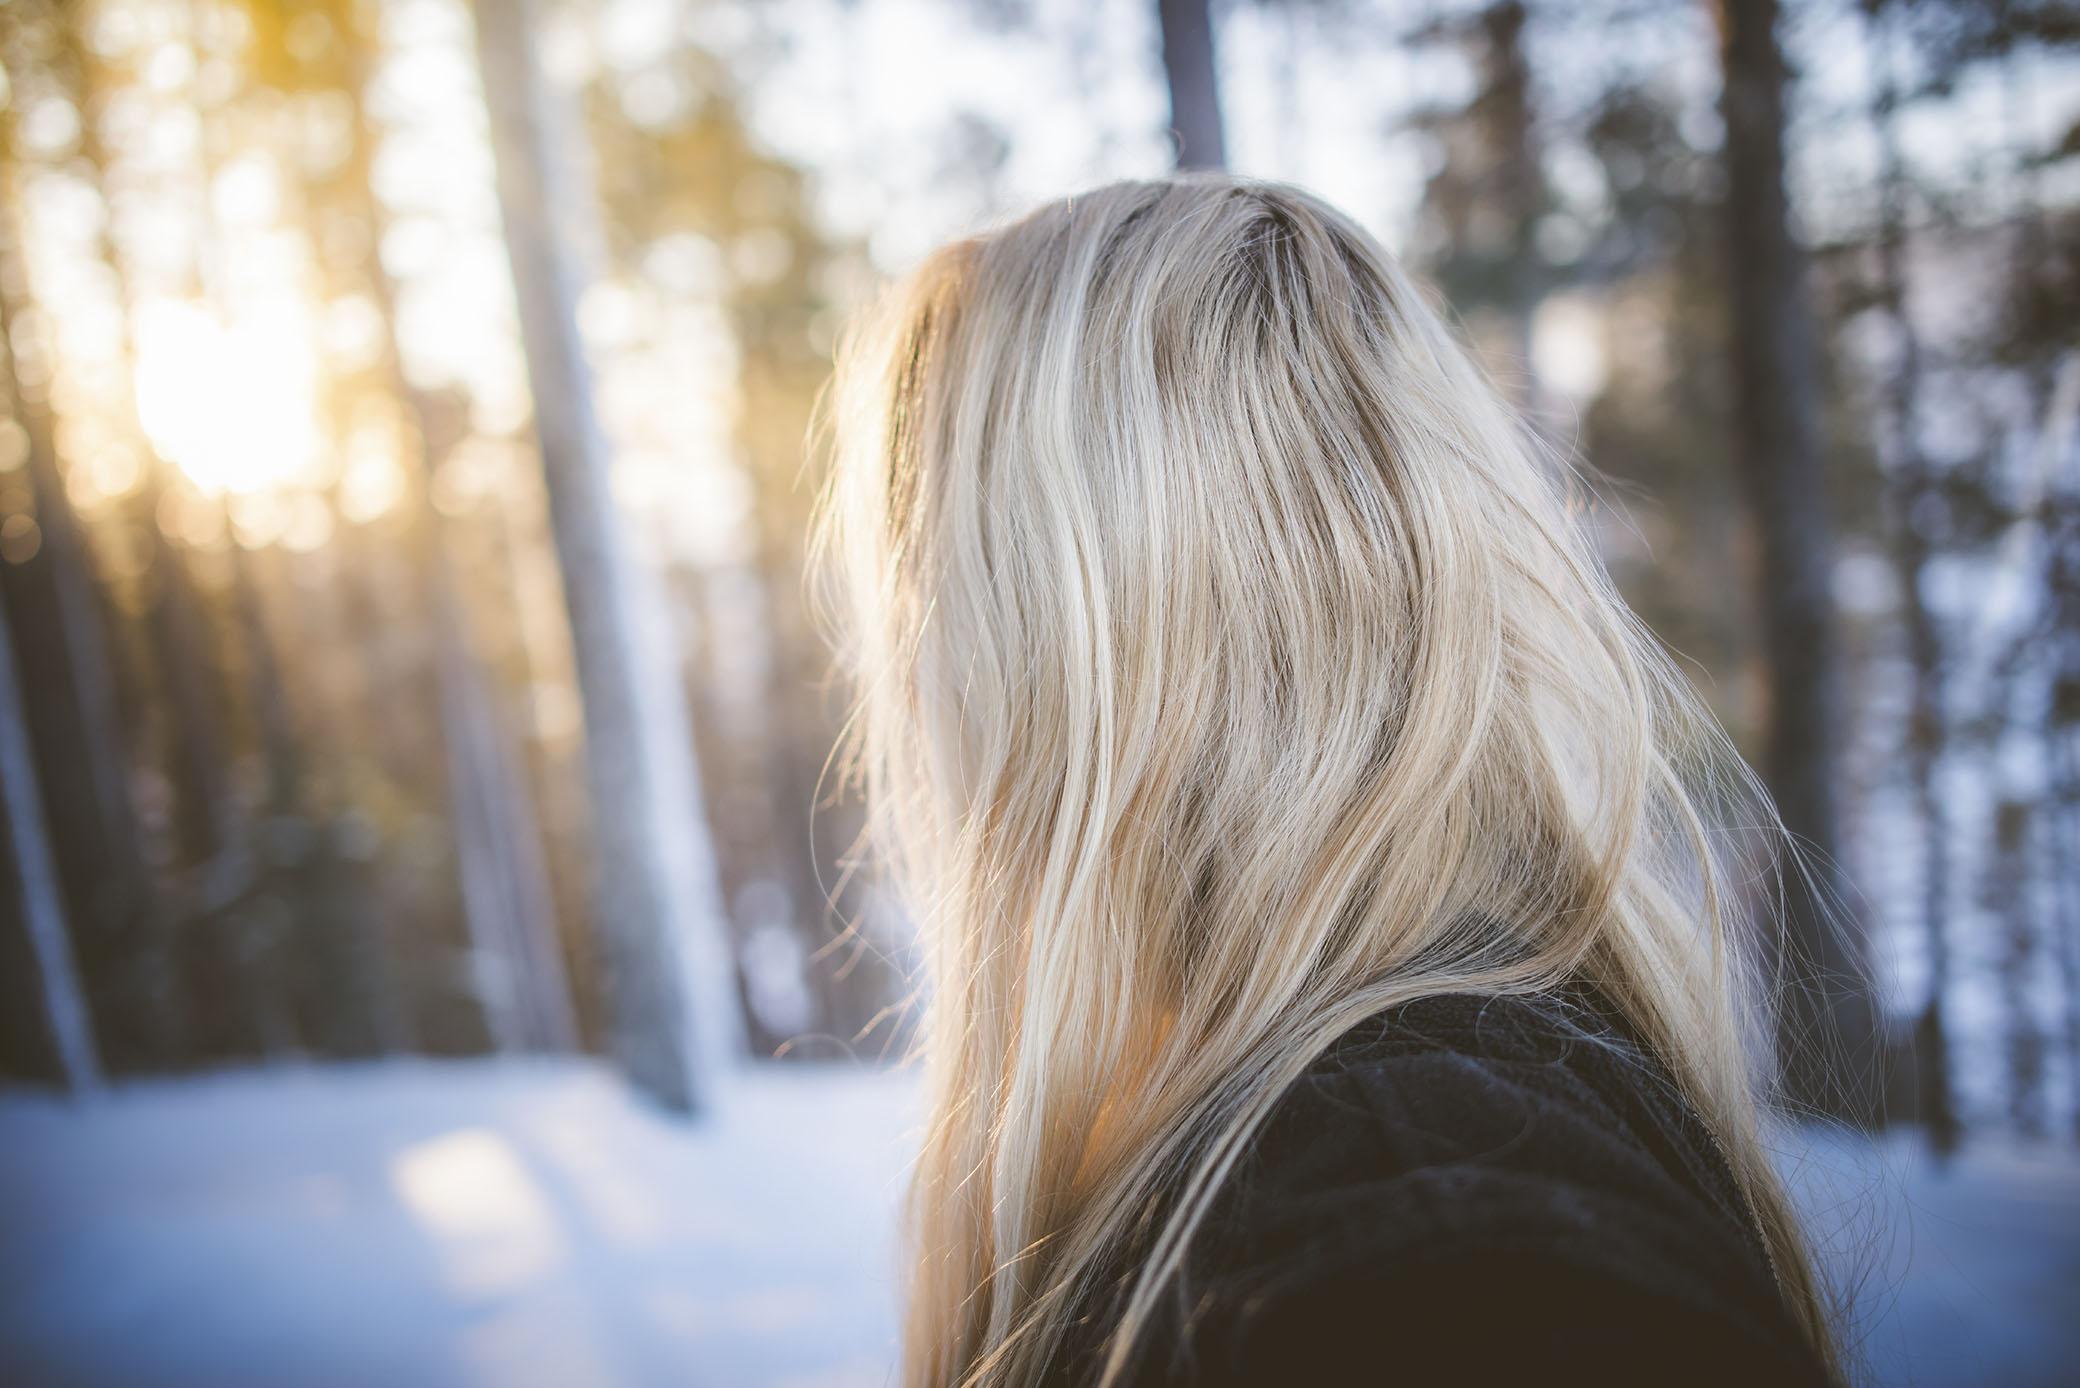 Jag kände den där allra första lilla förnimmelsen av en vår som närmar sig. Jag hörde fåglar som kvittrade i skogen och det har jag inte hört sedan i höstas, och solens strålar värmde på kinden.